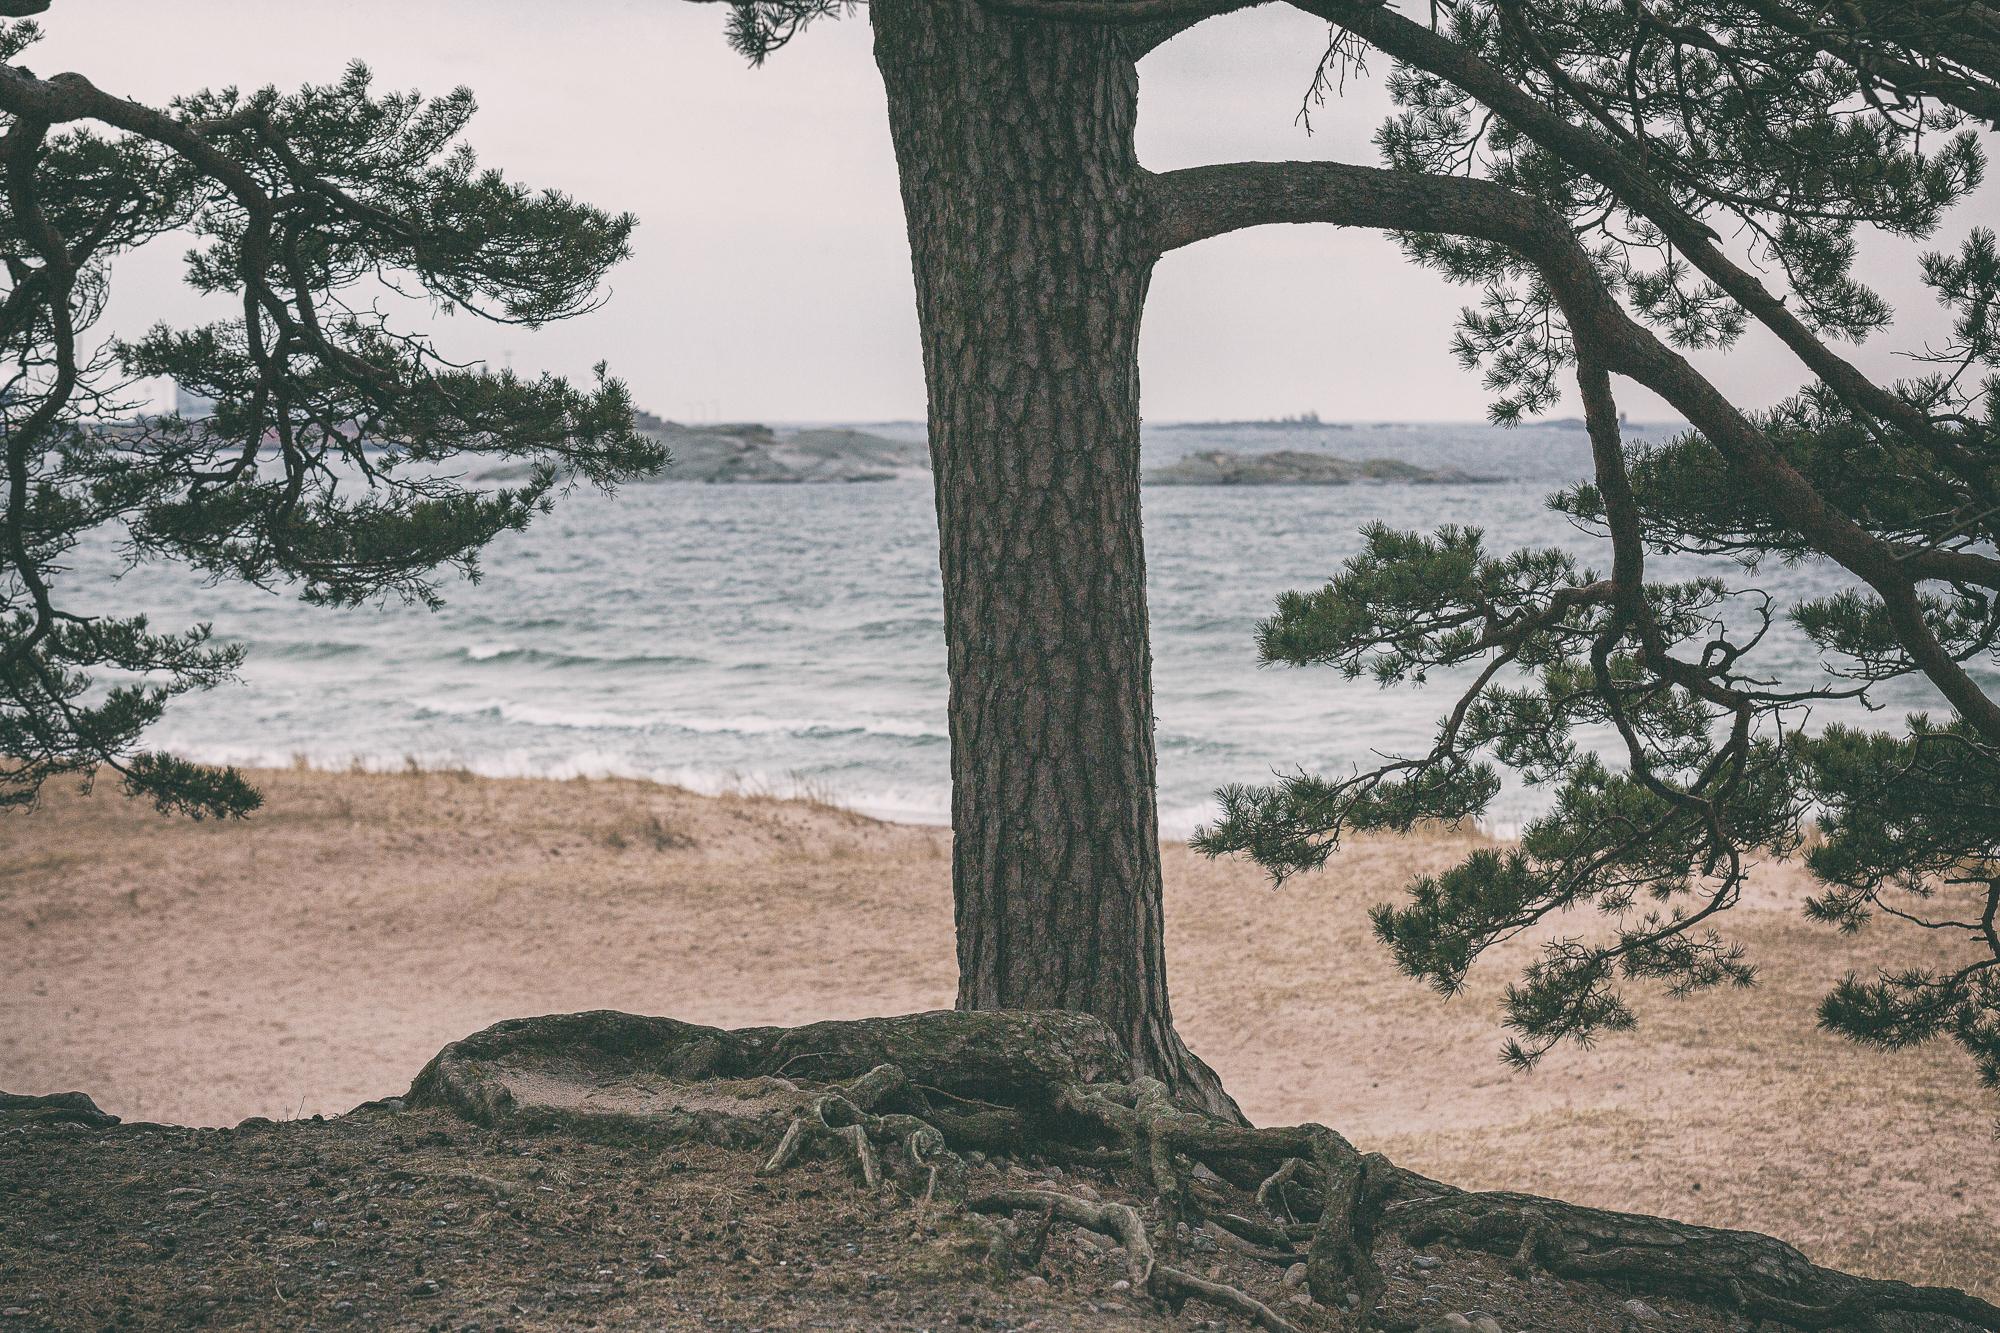 Hanko, kevät, seaside, meri, visithanko, hullunahankoon, ranta, kesäkaupunki, ourfinland, outdoorfinland, visitfinland, Suomi, Finland, valokuvaaja, photographer, Frida Steiner, kotimaa, kotimaan matkailu, staycation, visualaddict, visualaddictfrida